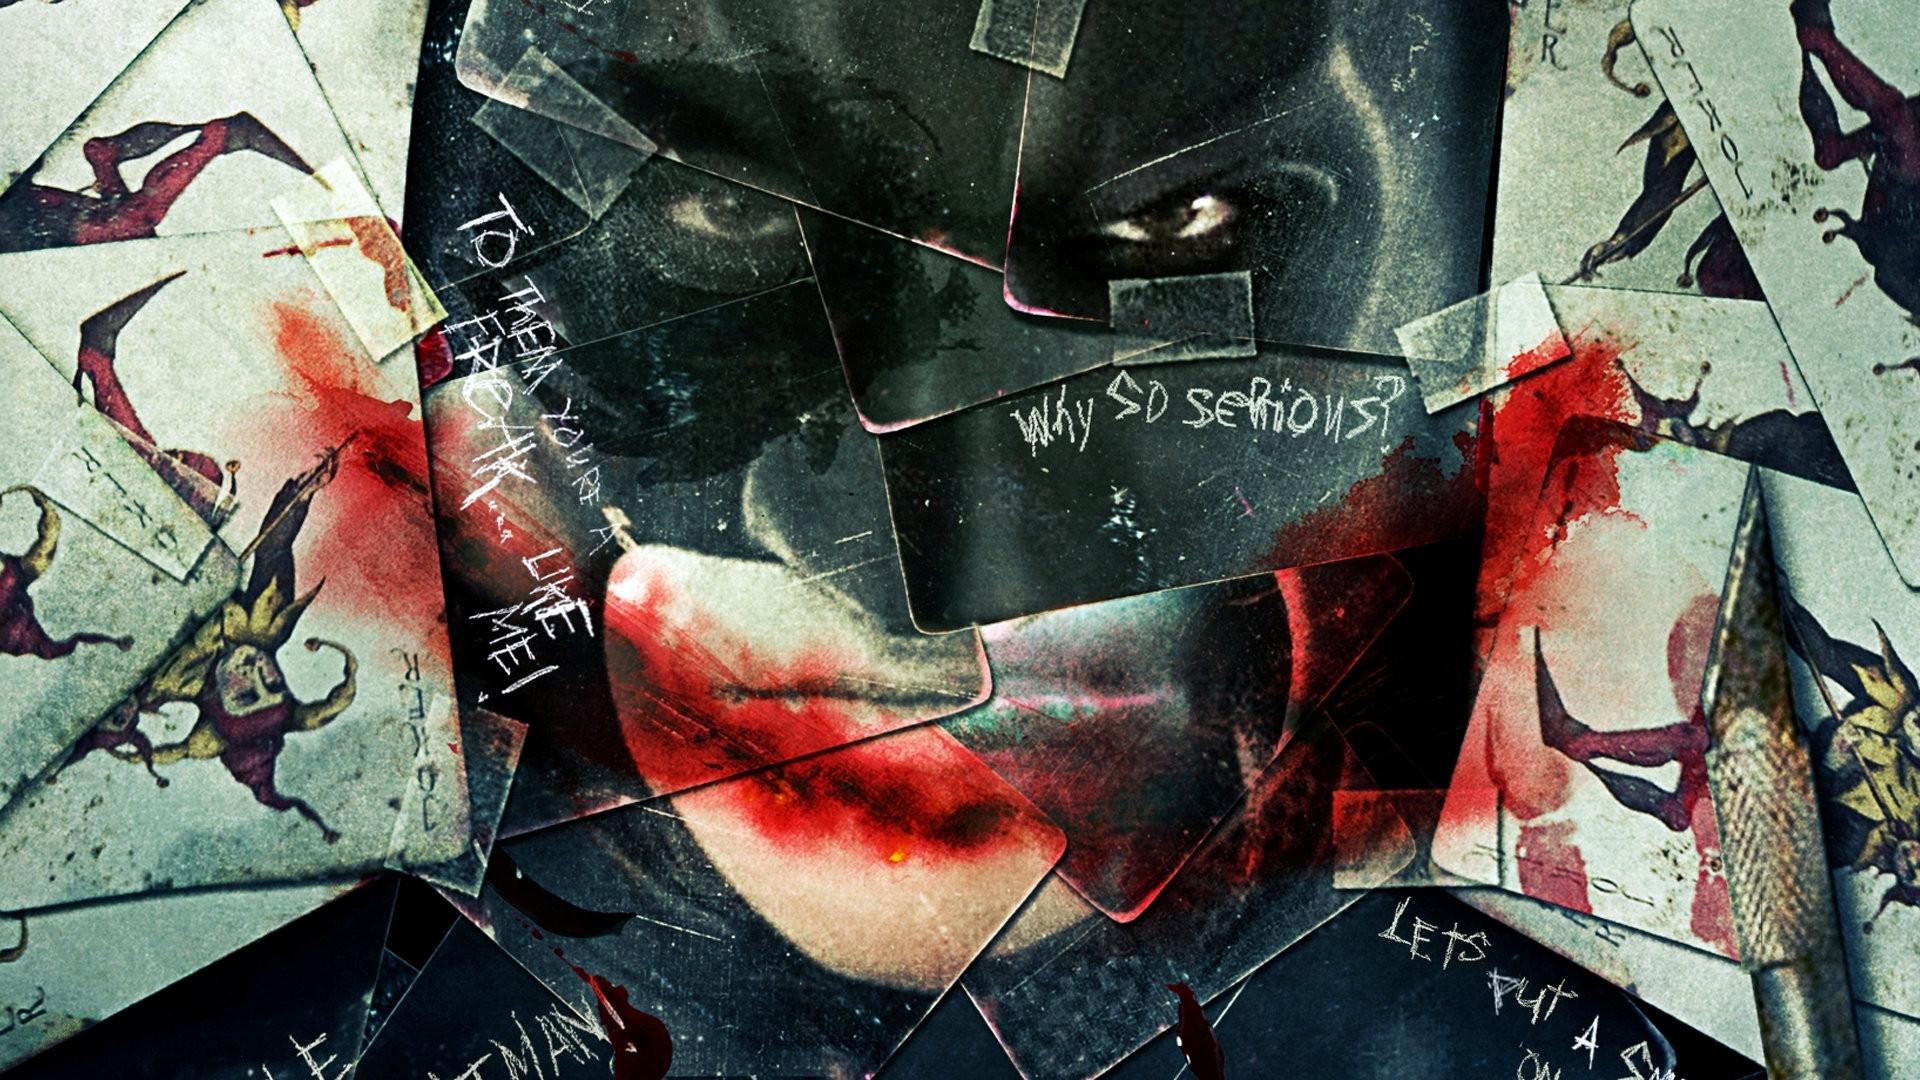 THE DARK KNIGHT batman superhero joker v wallpaper | 1920x1080